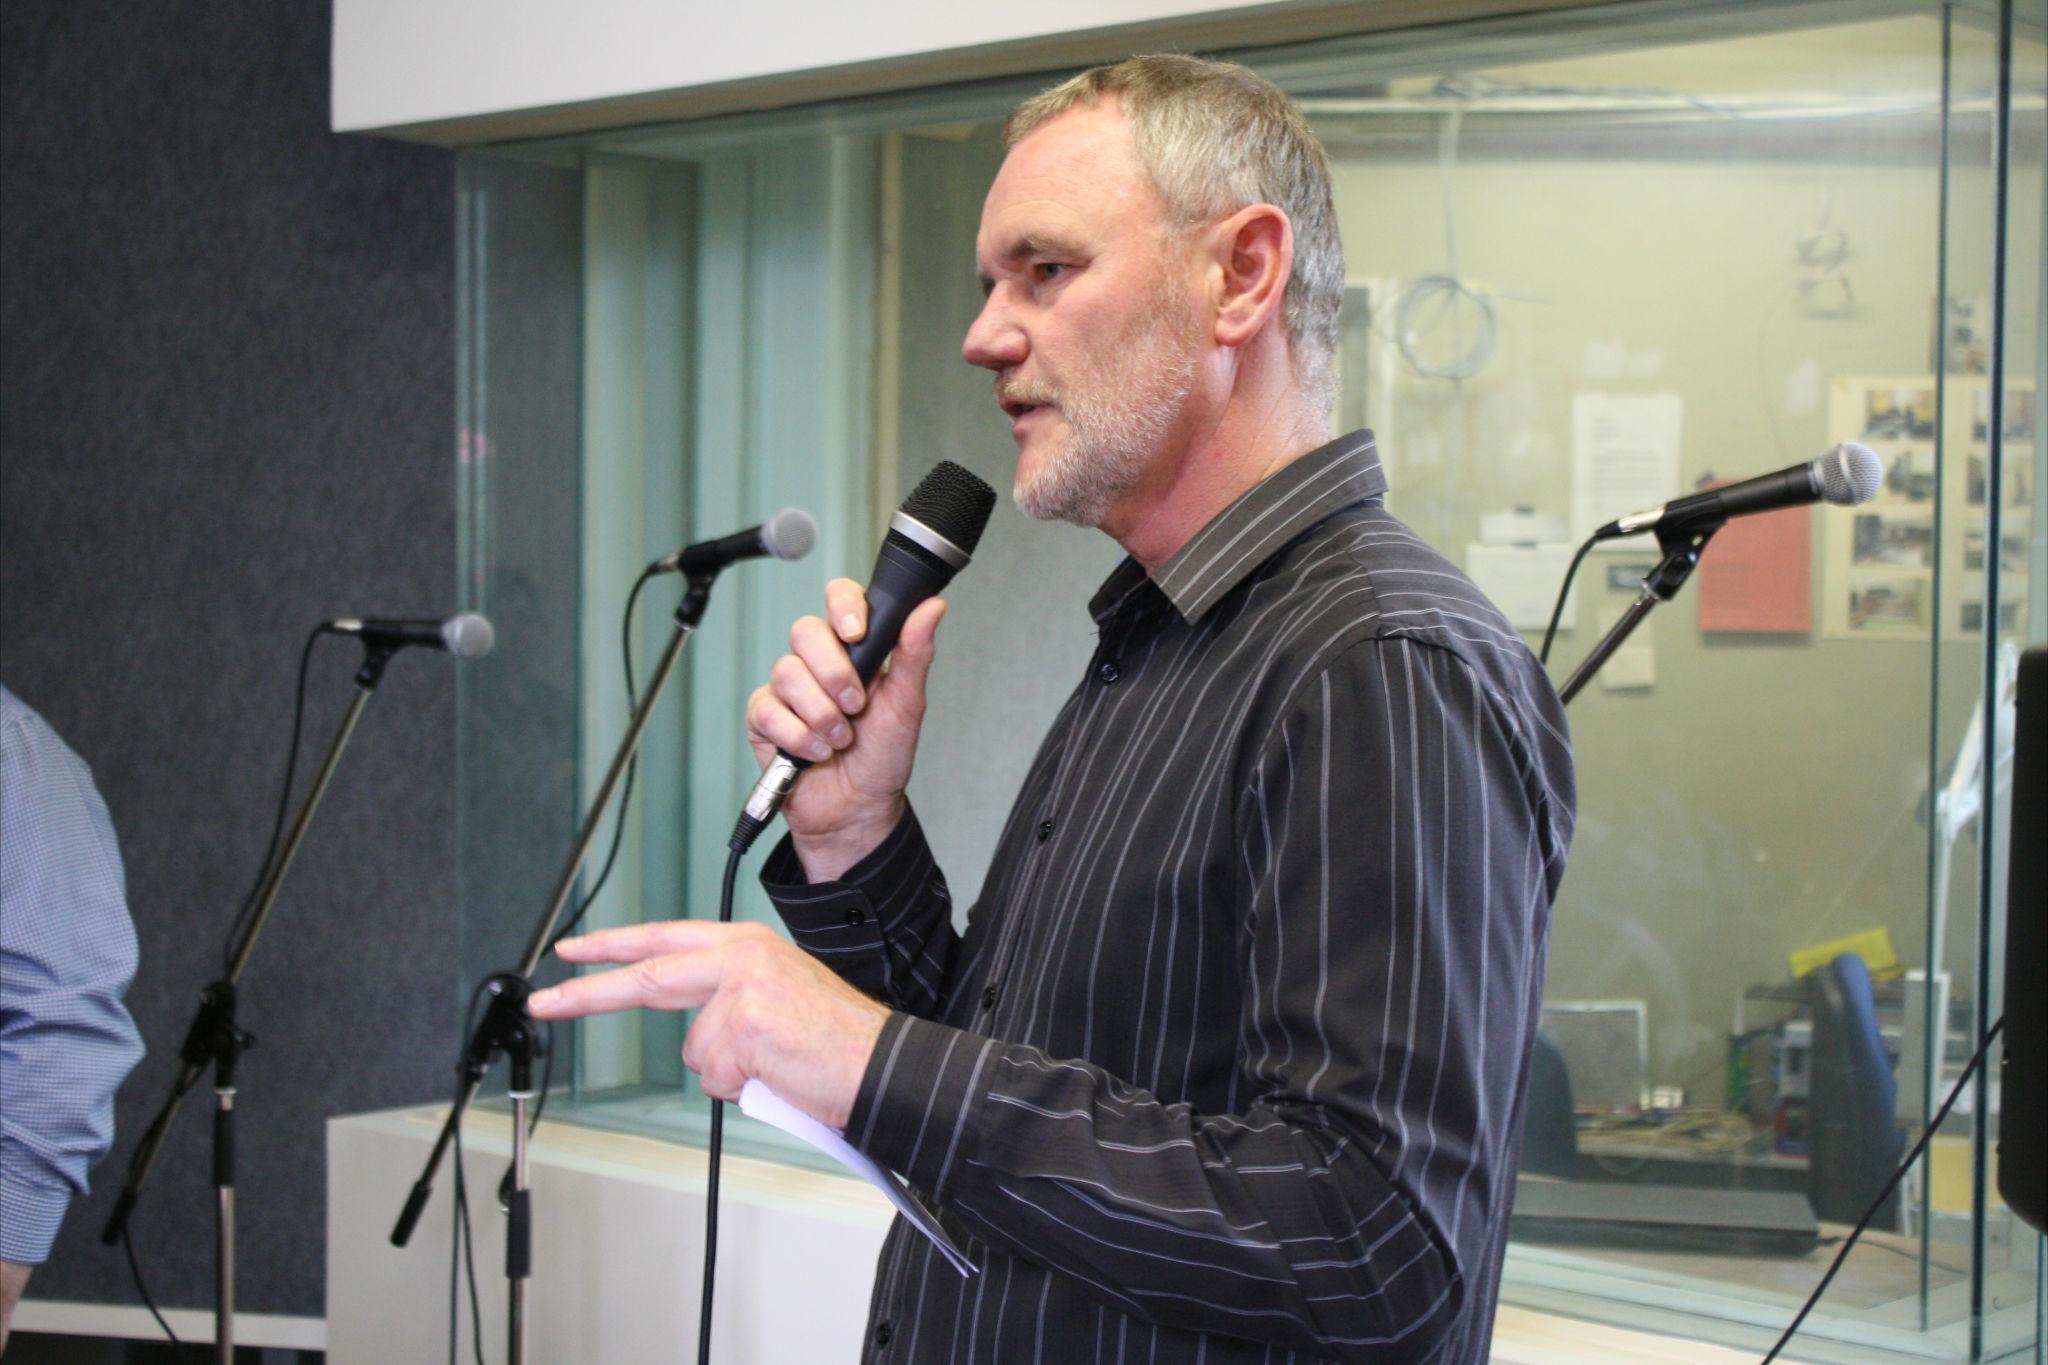 Mayor opens studio